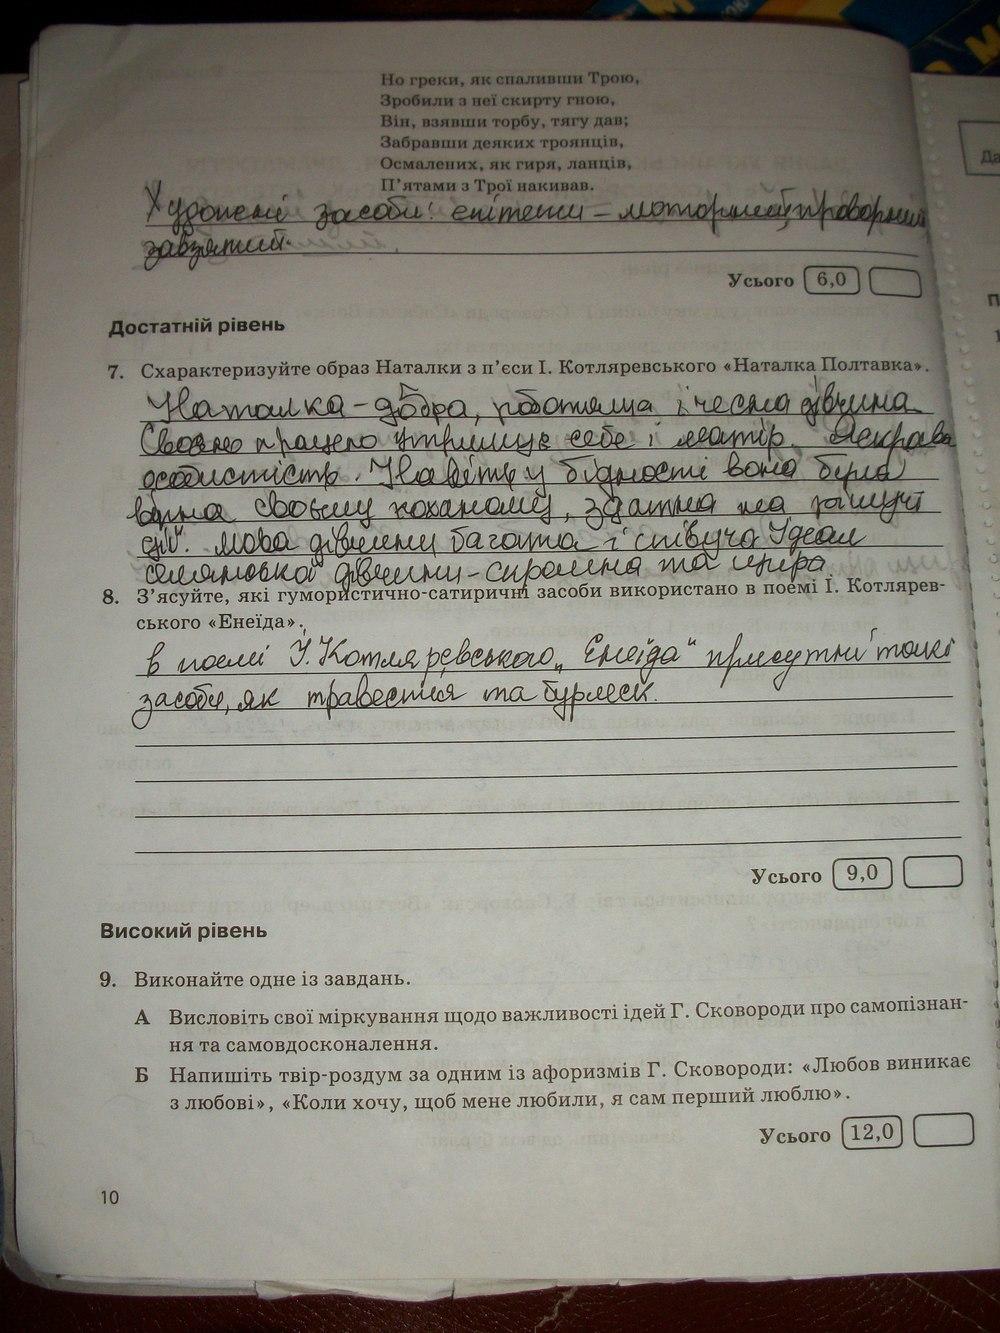 ГДЗ відповіді робочий зошит по литературе 9 класс В.В. Паращич. Задание: стр. 10